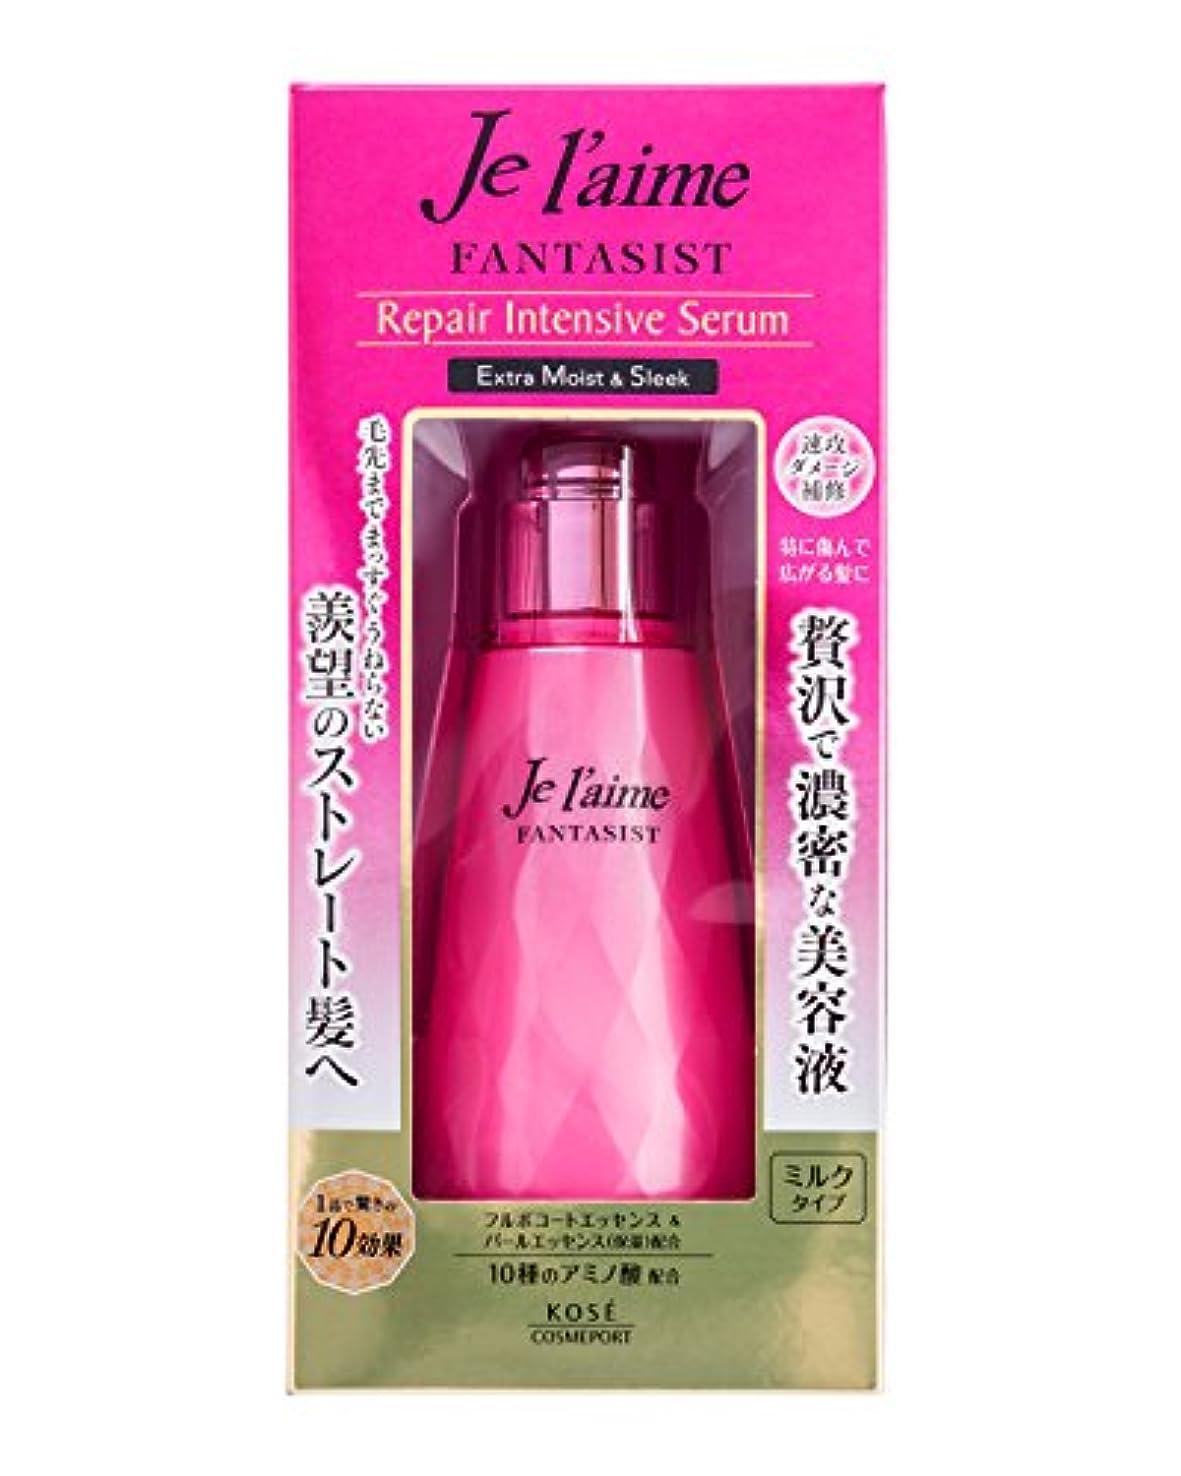 KOSE コーセー ジュレーム ファンタジスト リペア インテンシブ セラム ヘア 美容液 (ストレート) 125ml